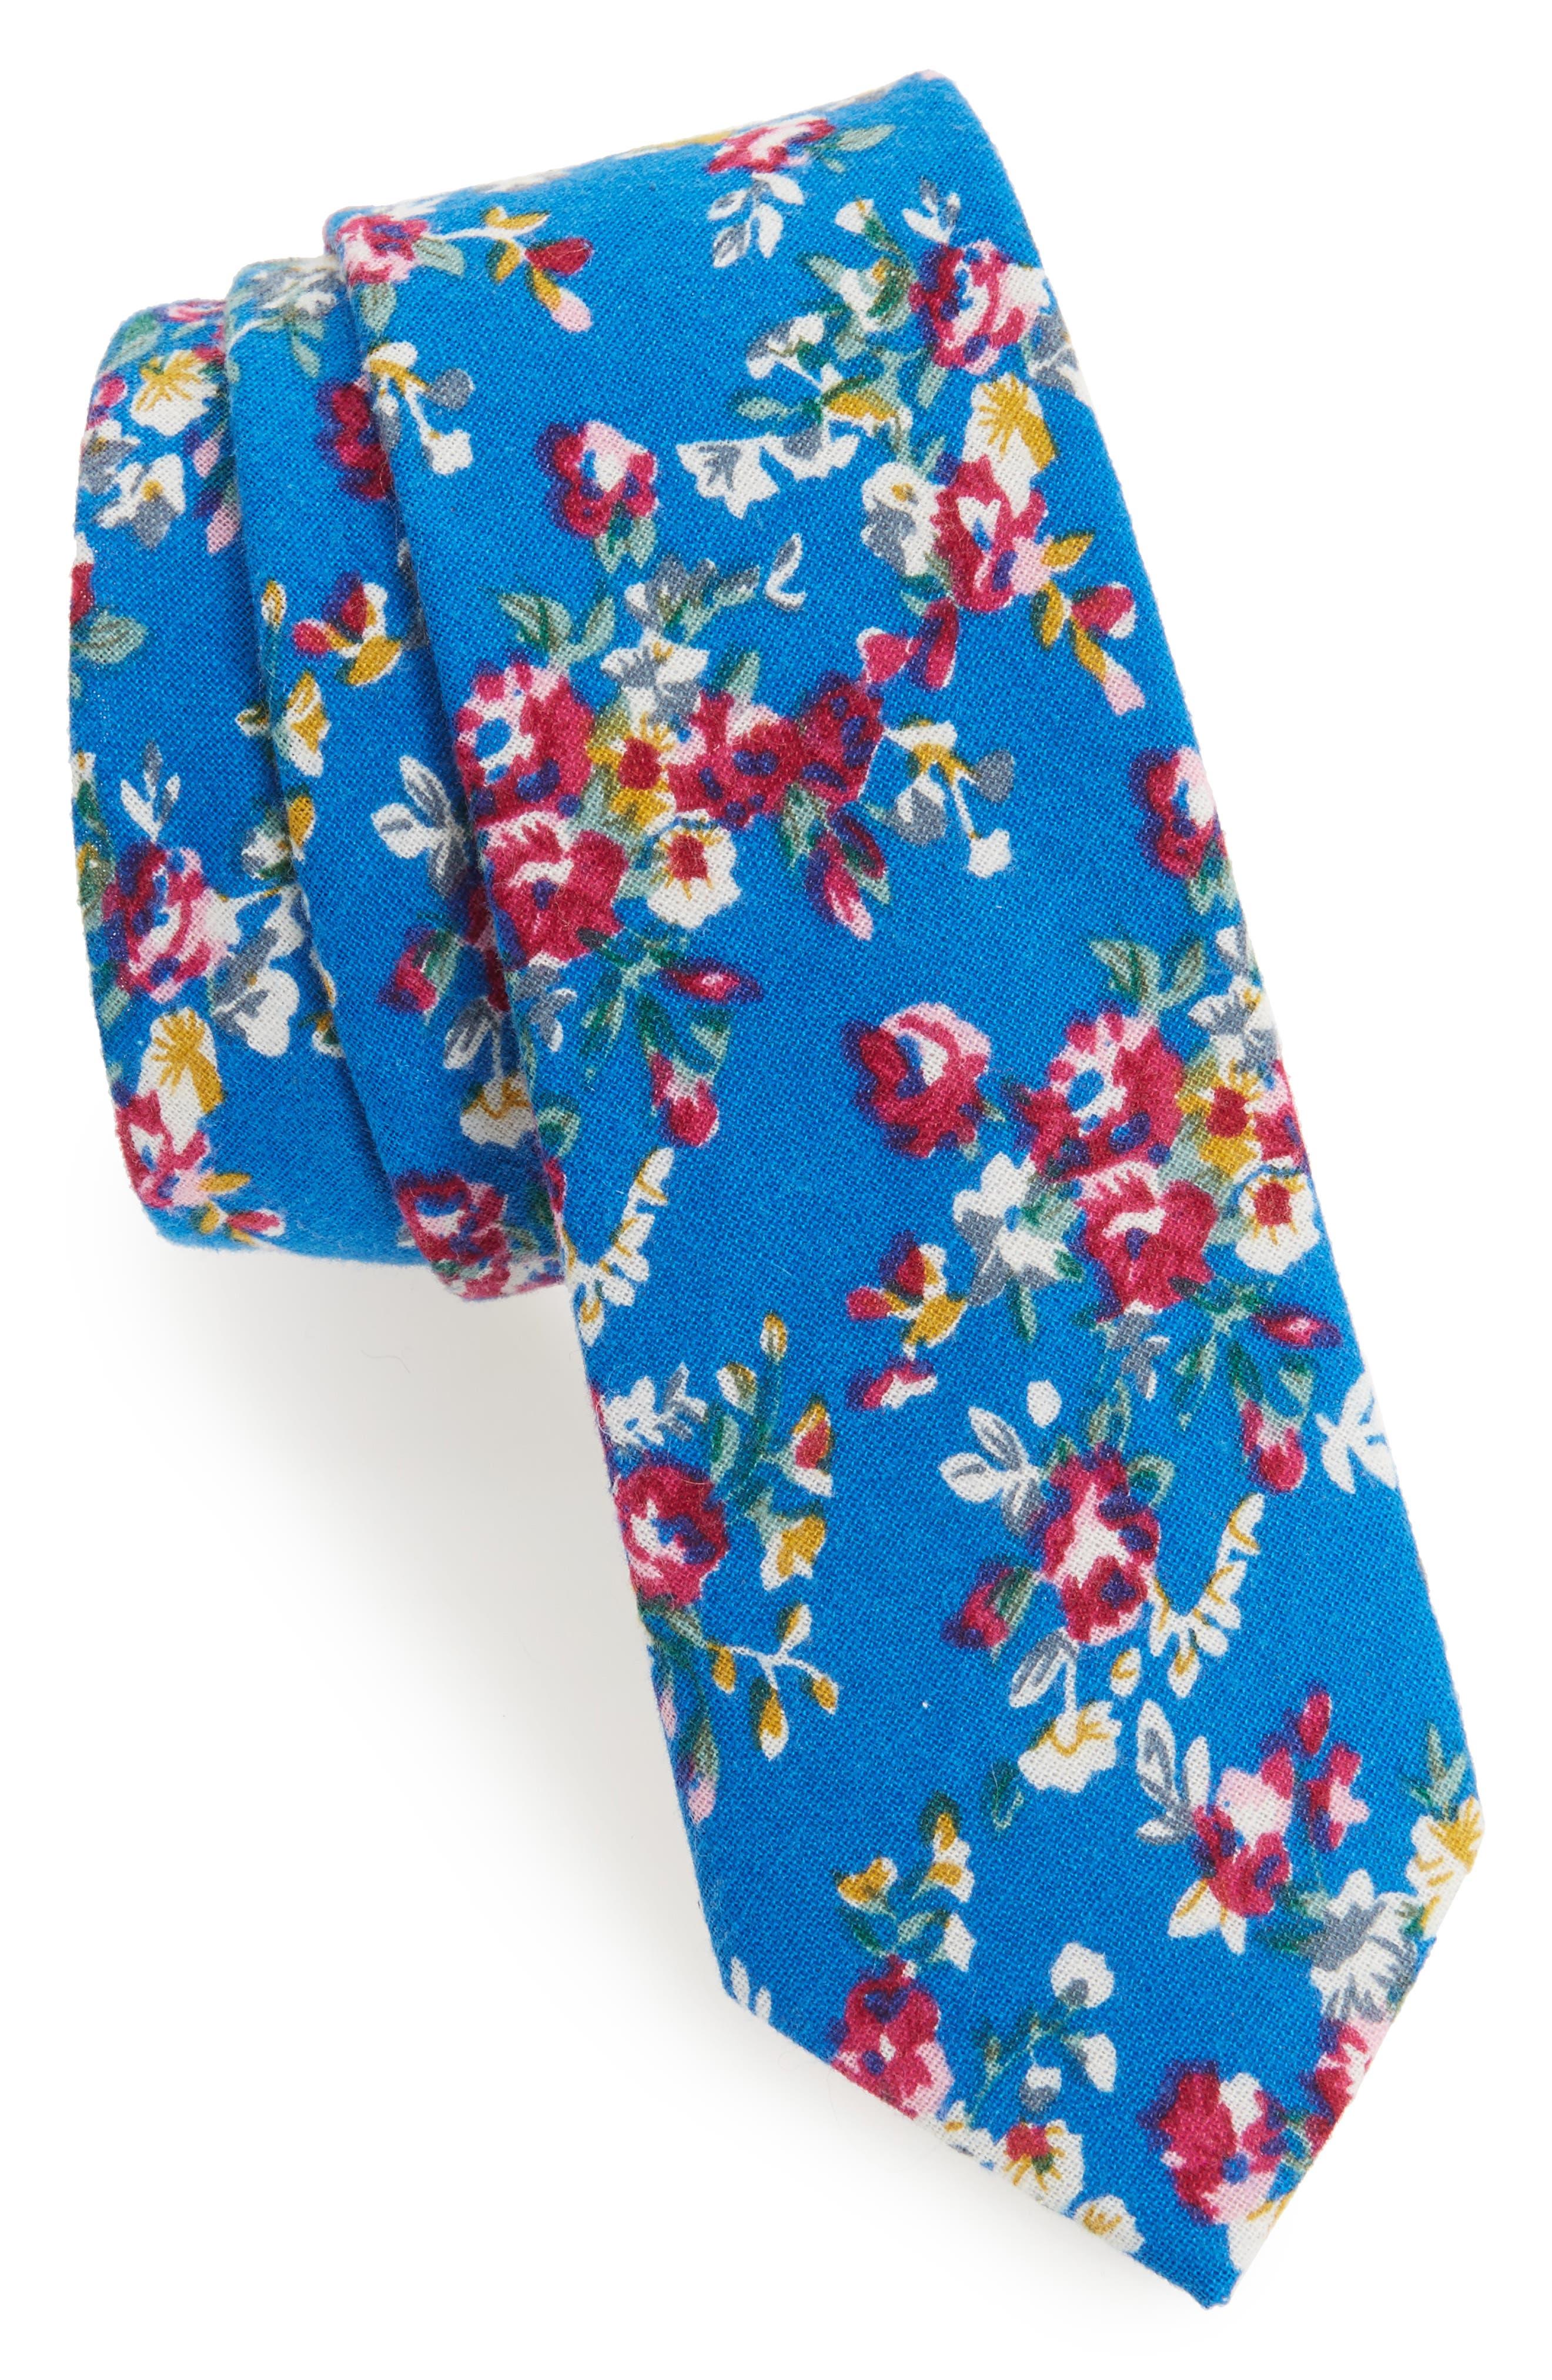 1901 Floral Print Cotton Tie